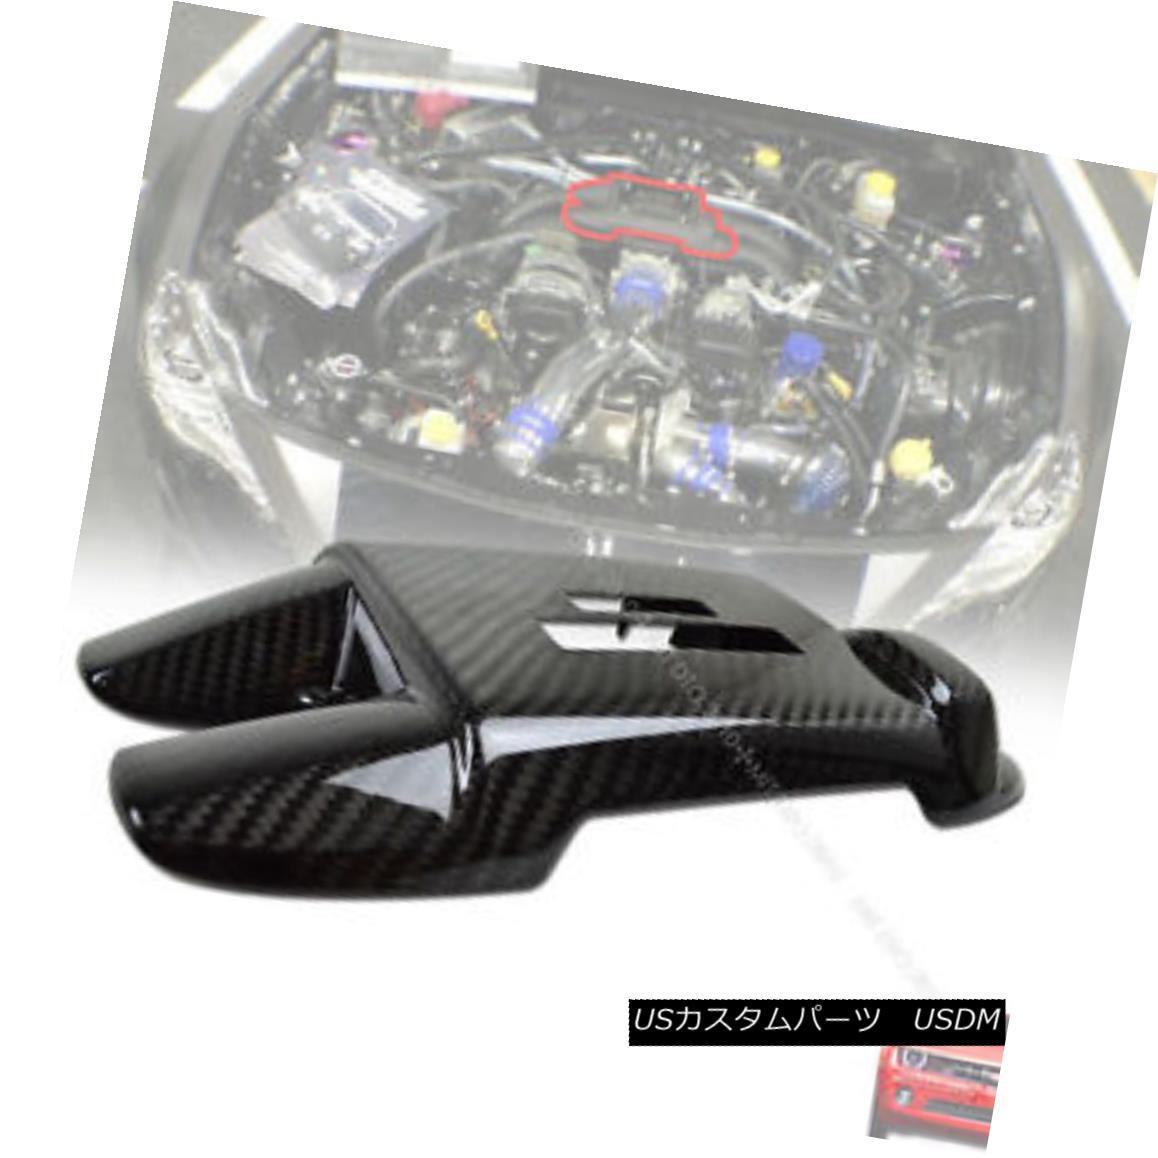 エアロパーツ 2014 For Scion FRS Subaru BRZ GT86 Toyota 86 Carbon Fiber Engine Motor Cover § サイオンFRS用スバルBRZ GT86トヨタ86炭素繊維エンジン用モーターカバー